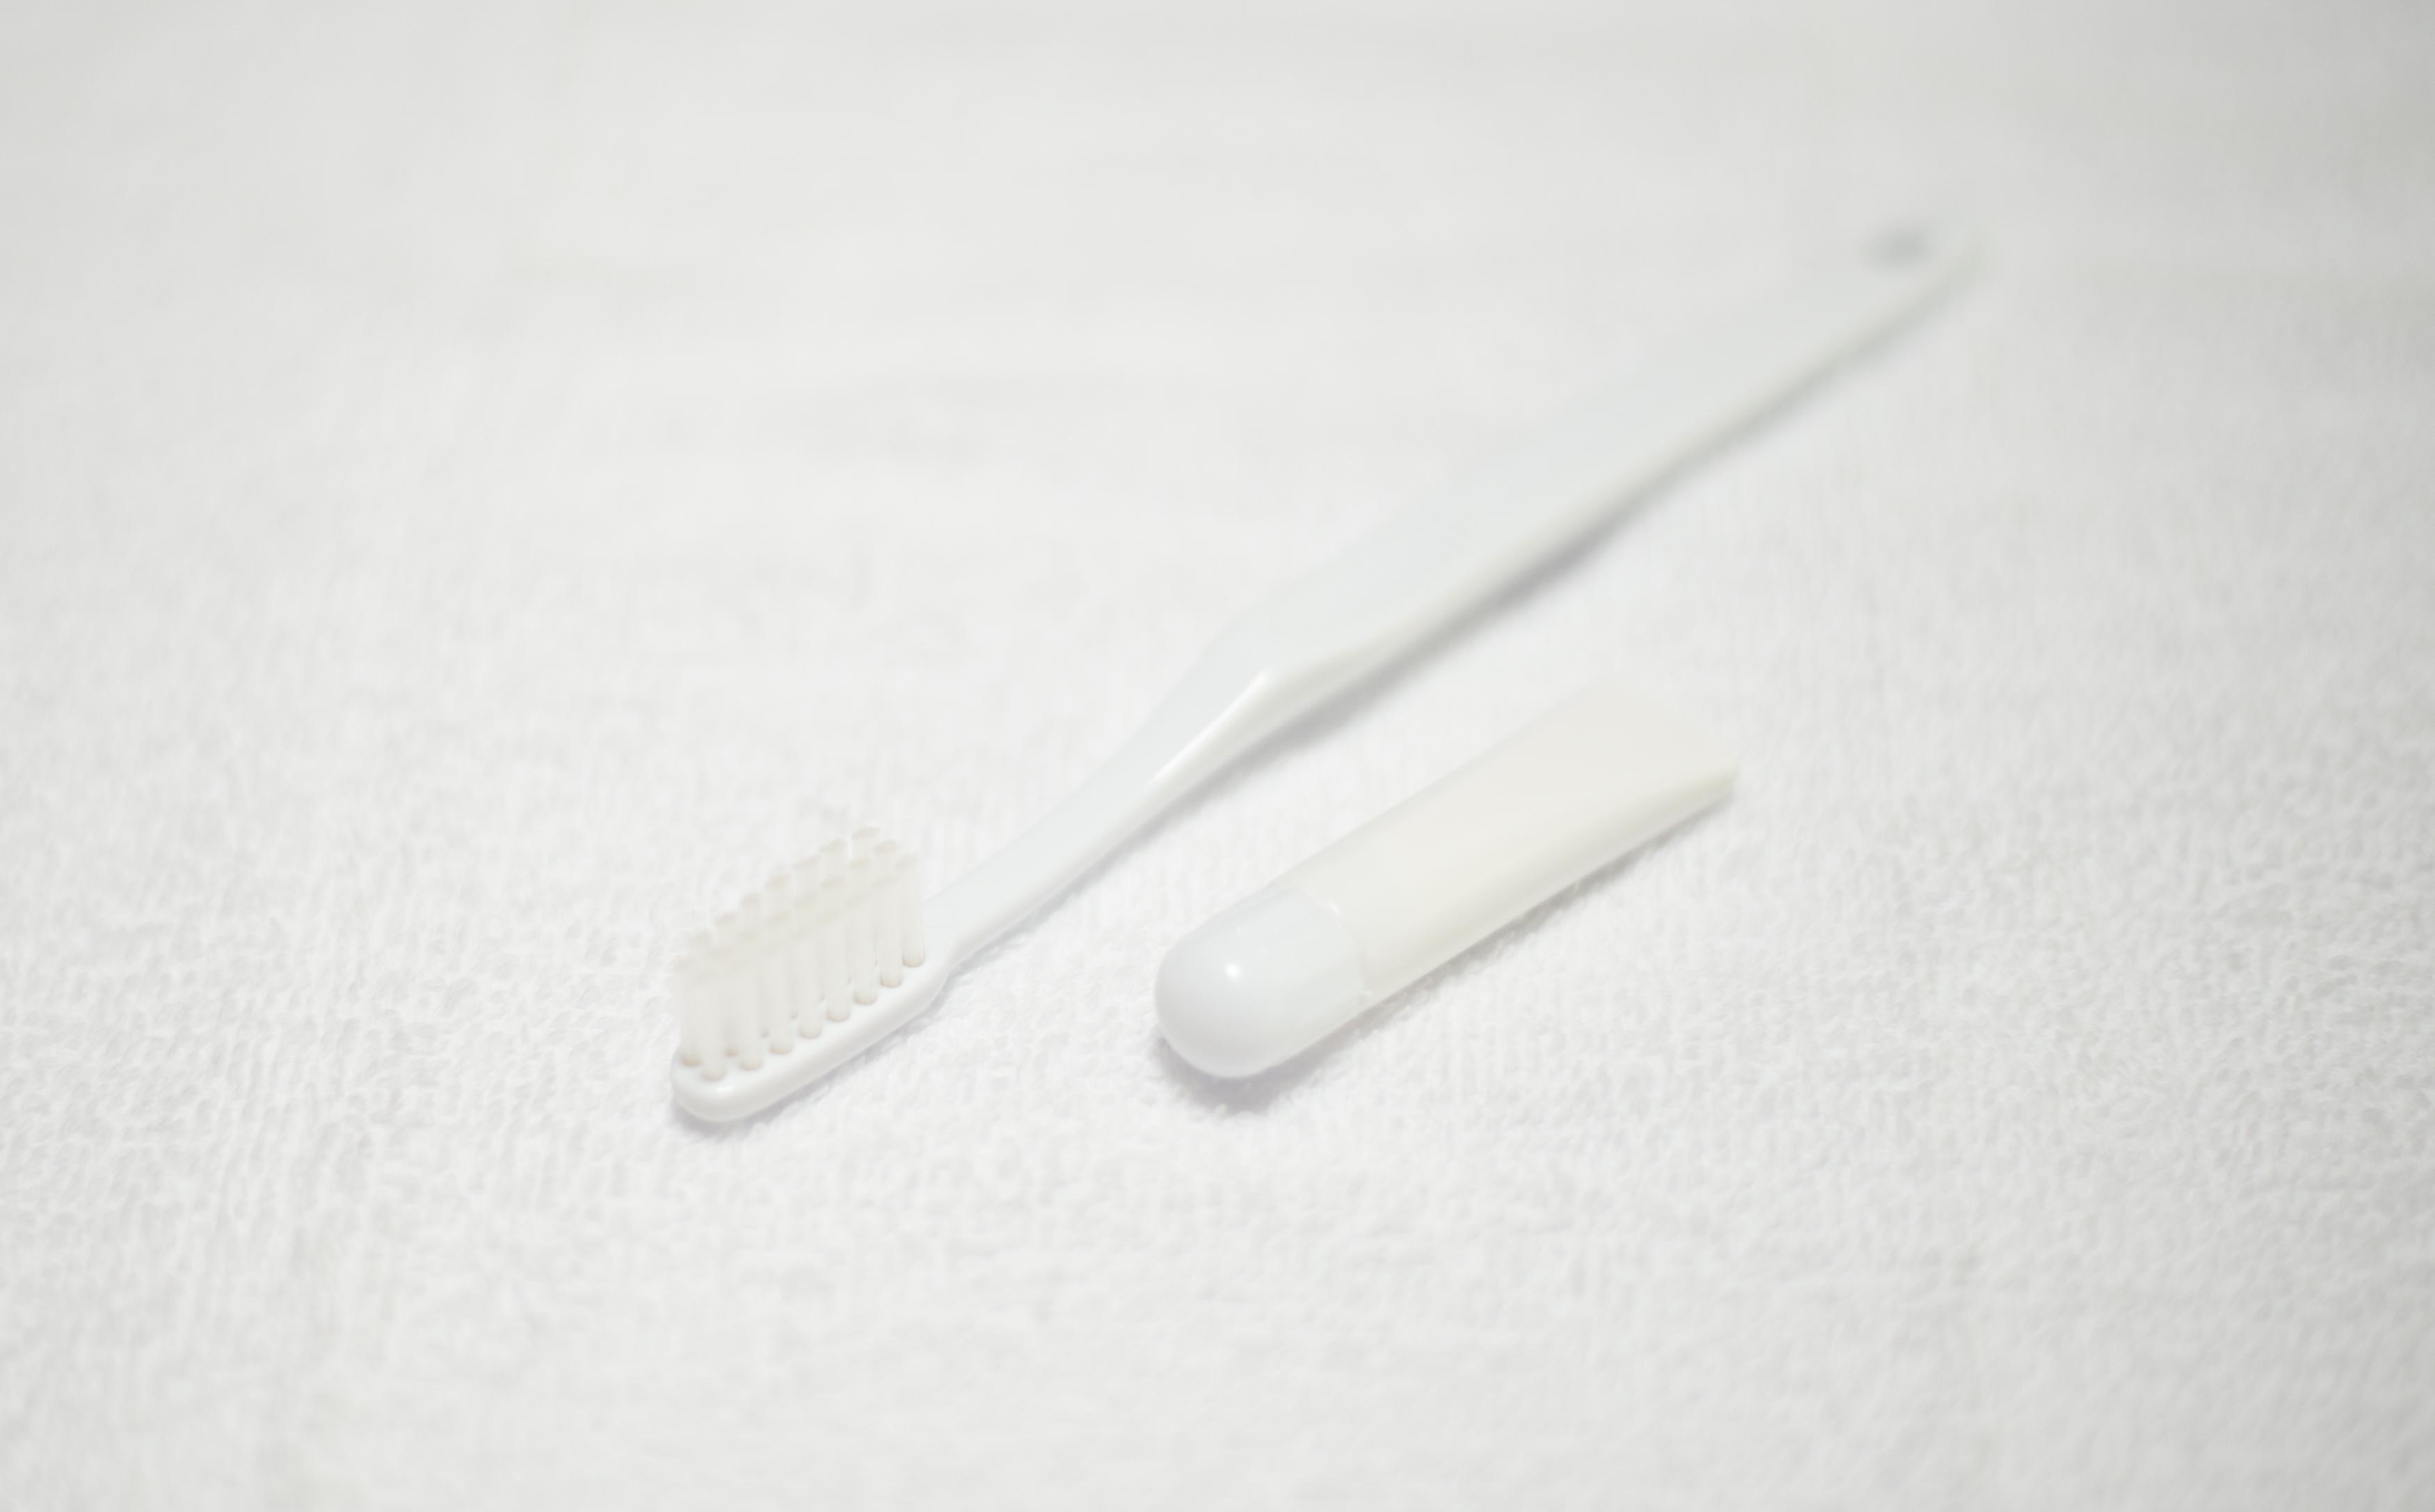 歯ブラシのフリー写真素材3です。